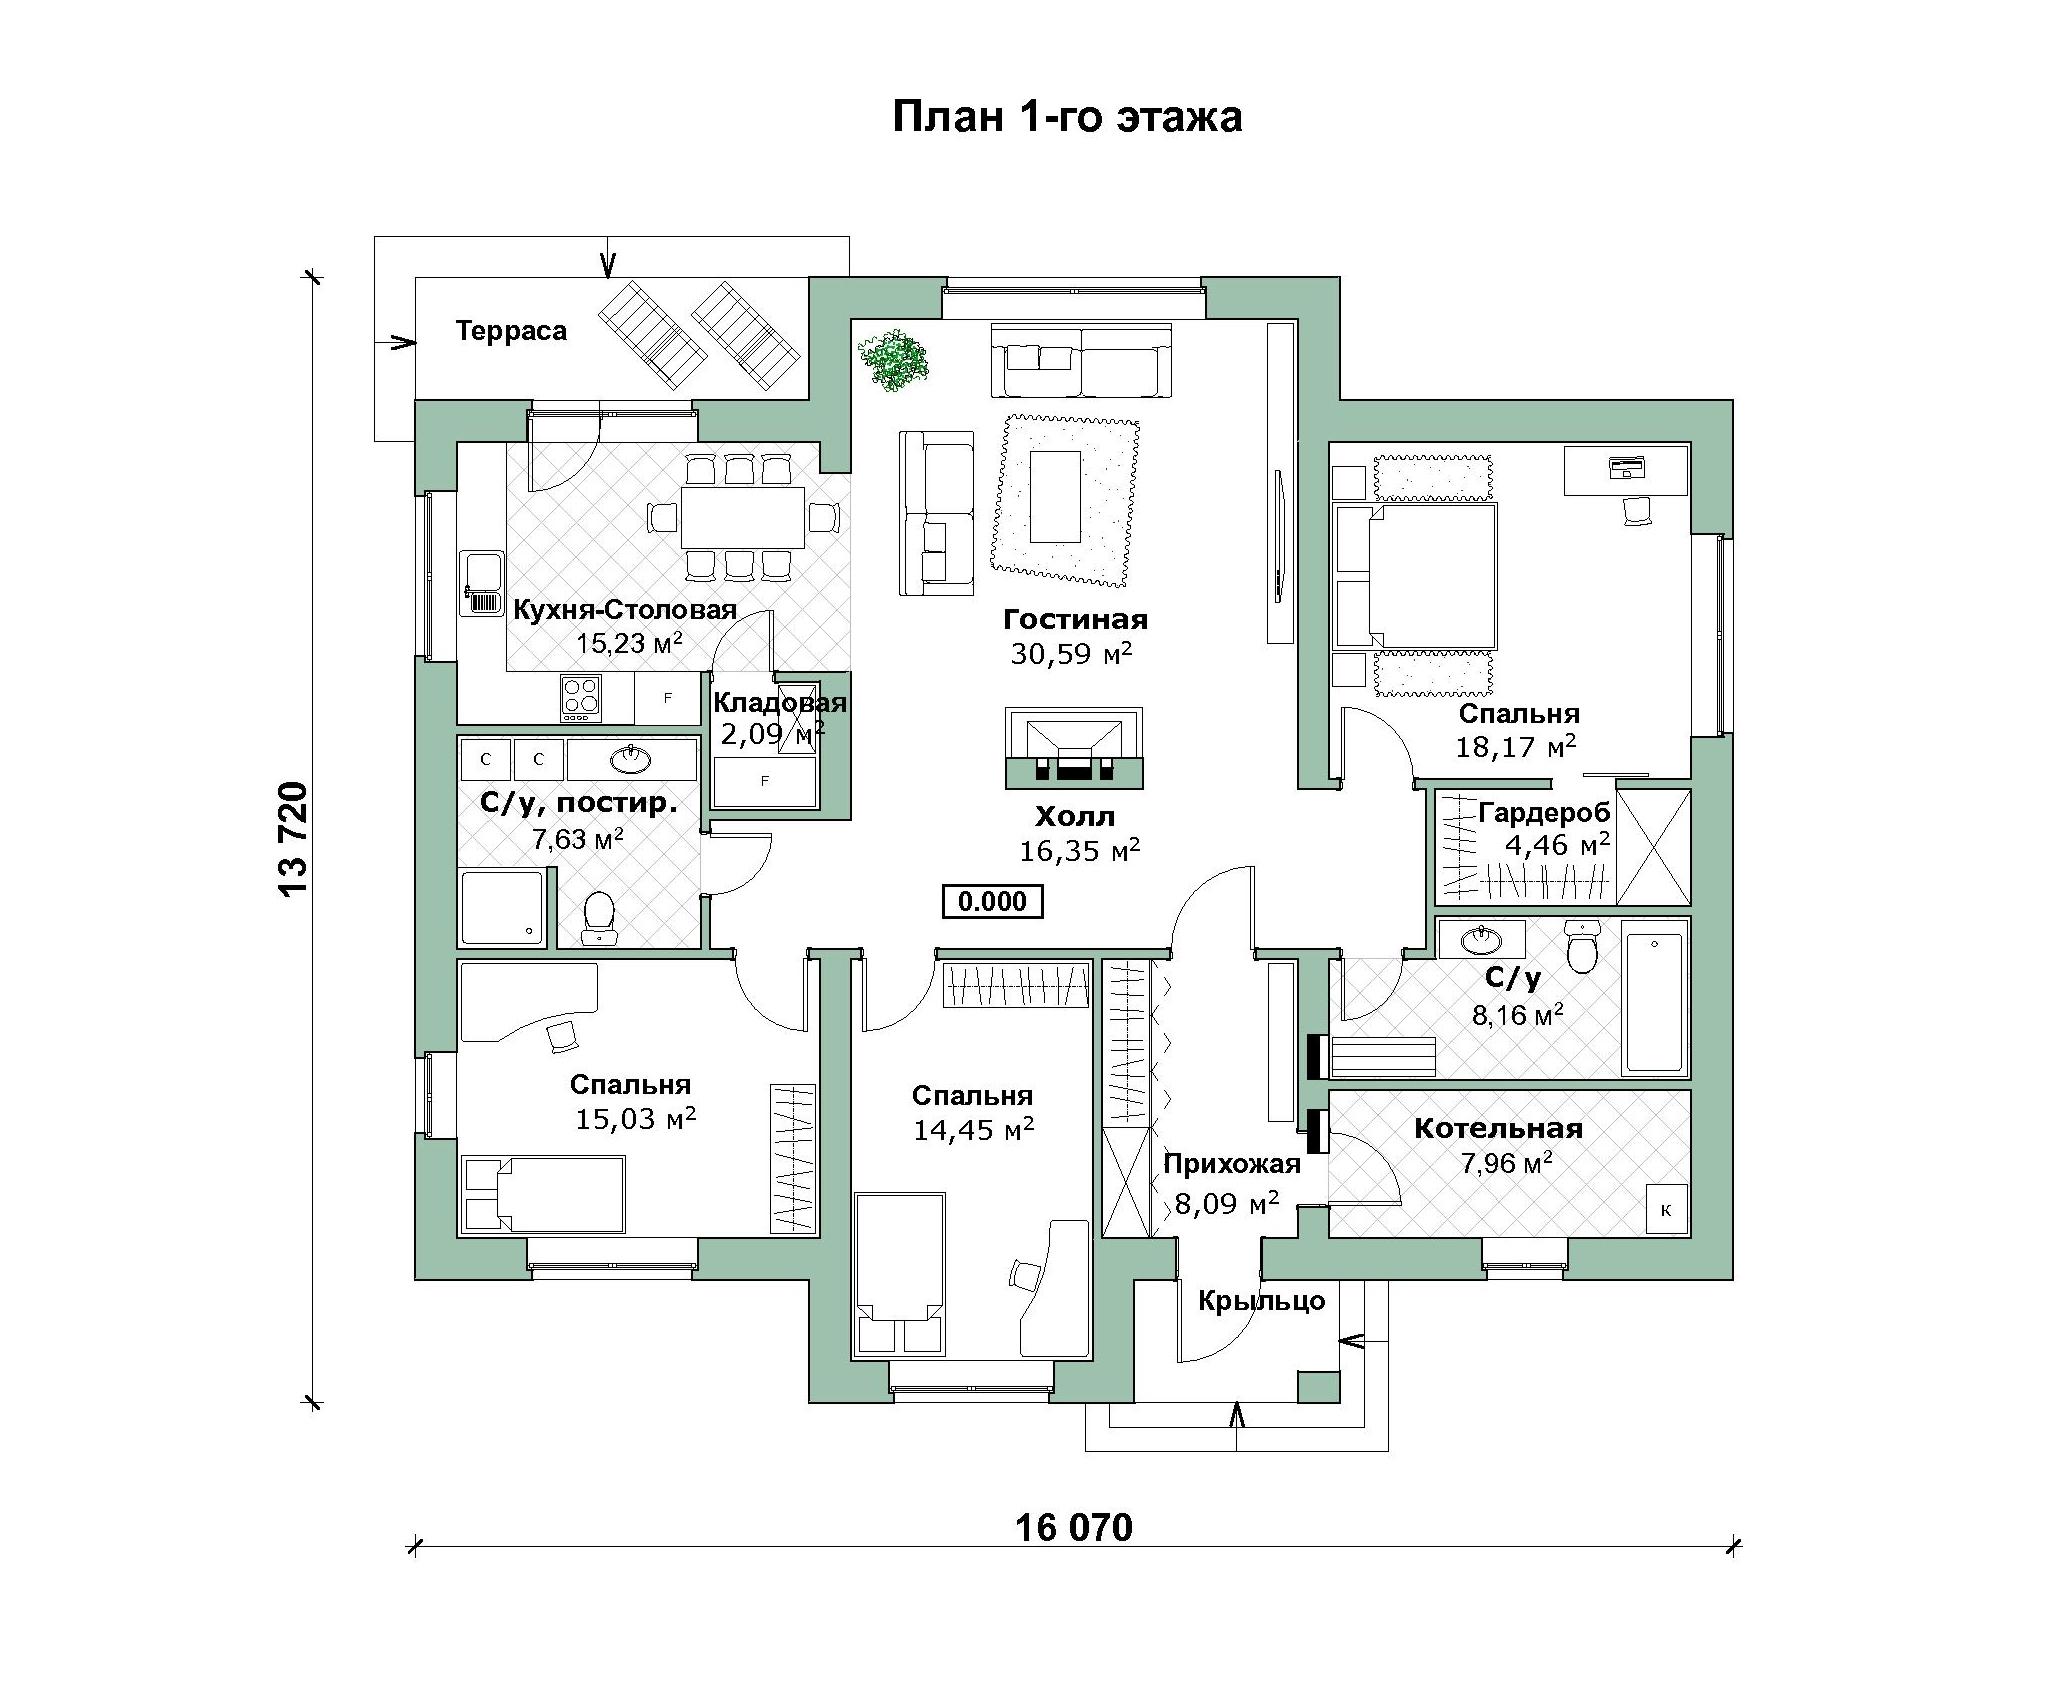 Одноэтажный дом в скандинавском стиле А-07-20/а план